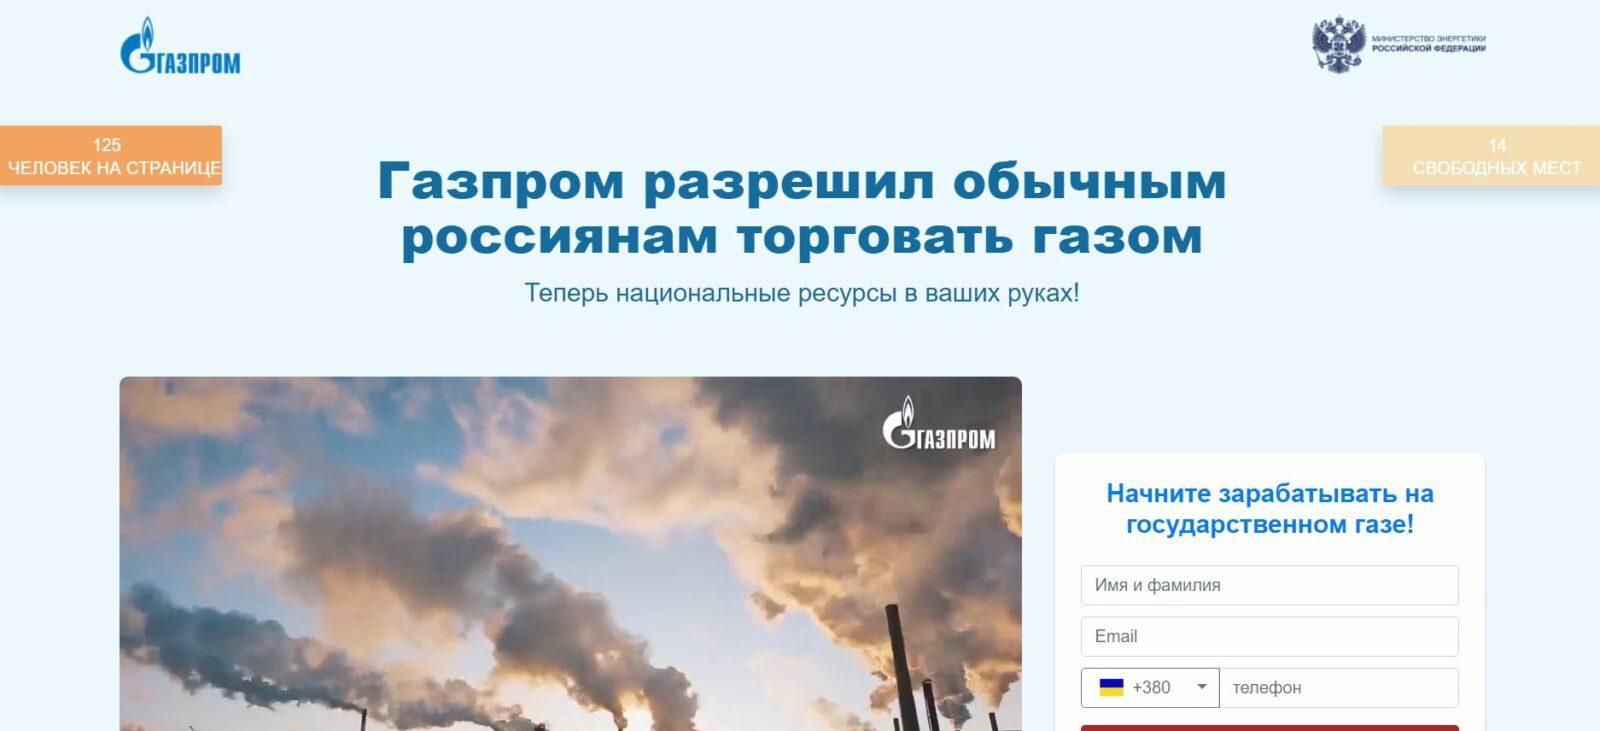 Сайт трейдера Газпром Инвест